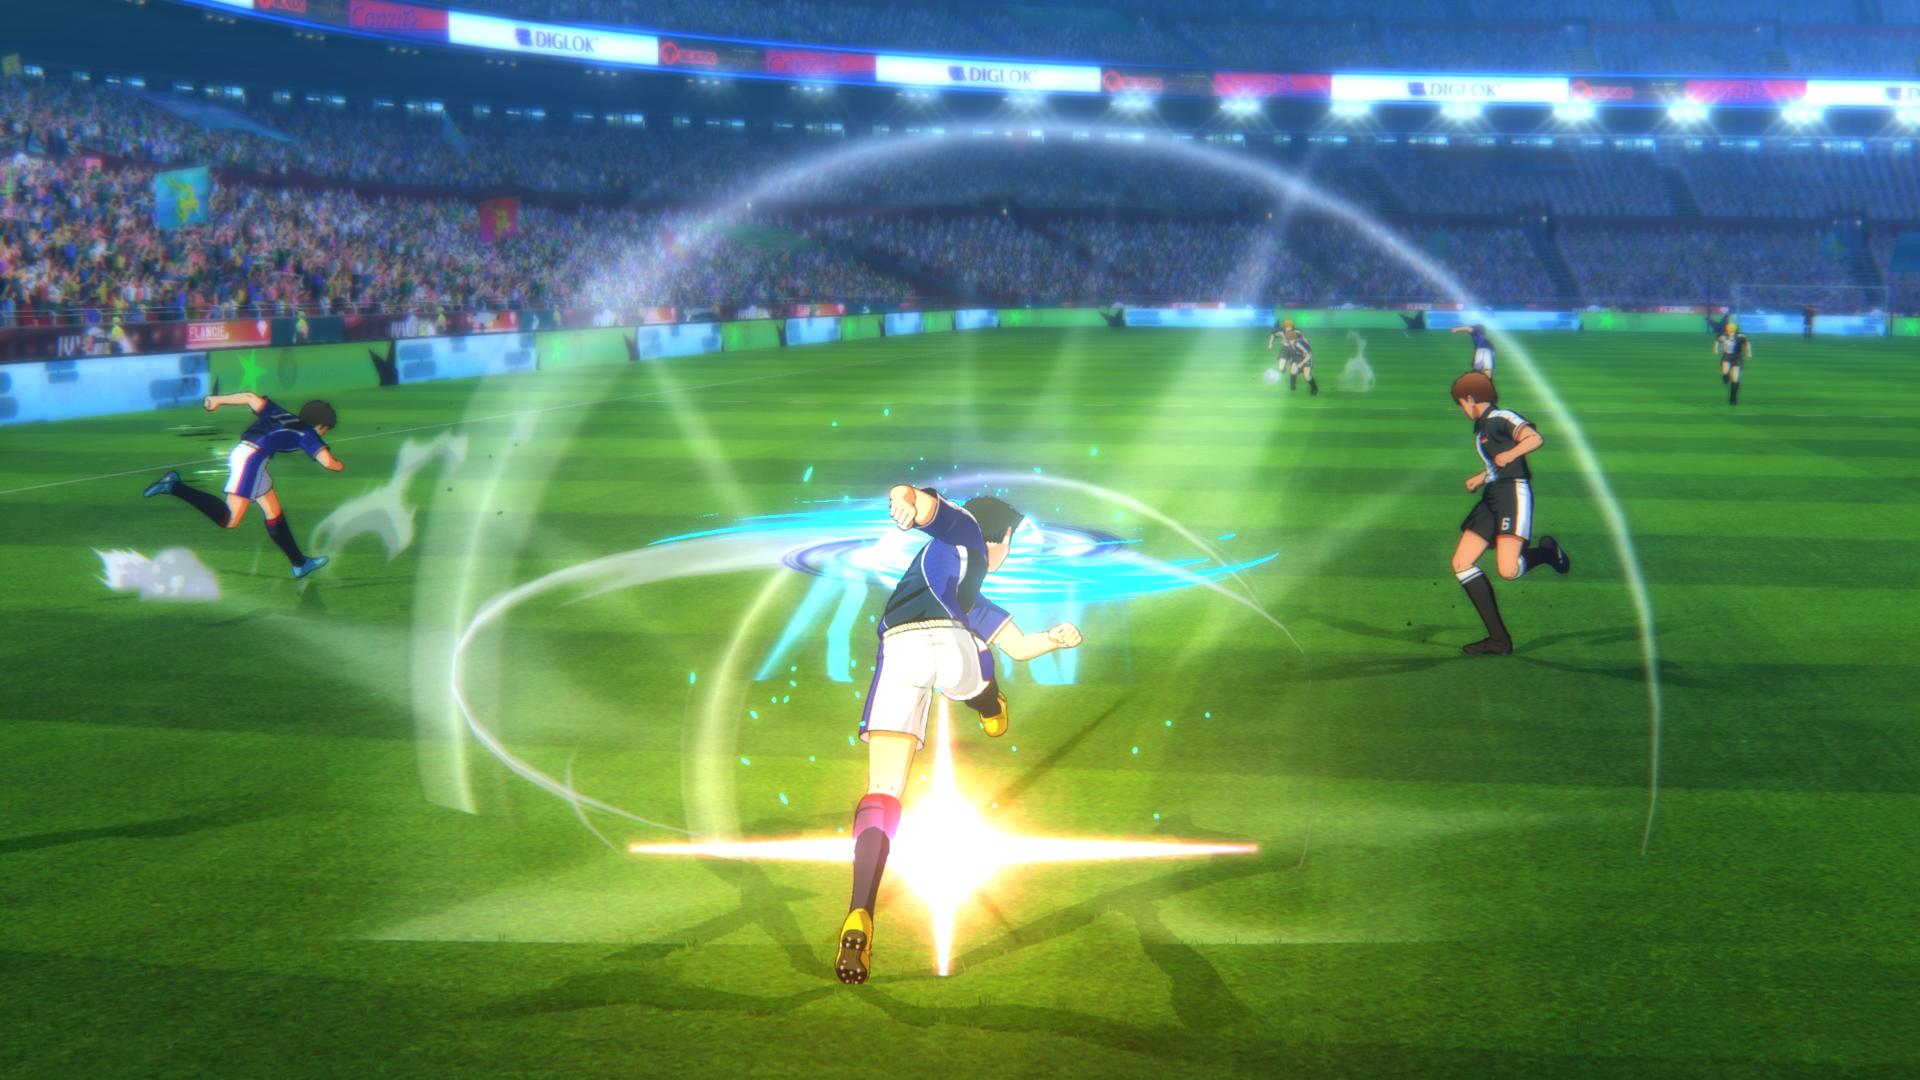 Jogos: Captain Tsubasa: Rise of New Champions ganha novo trailer de história